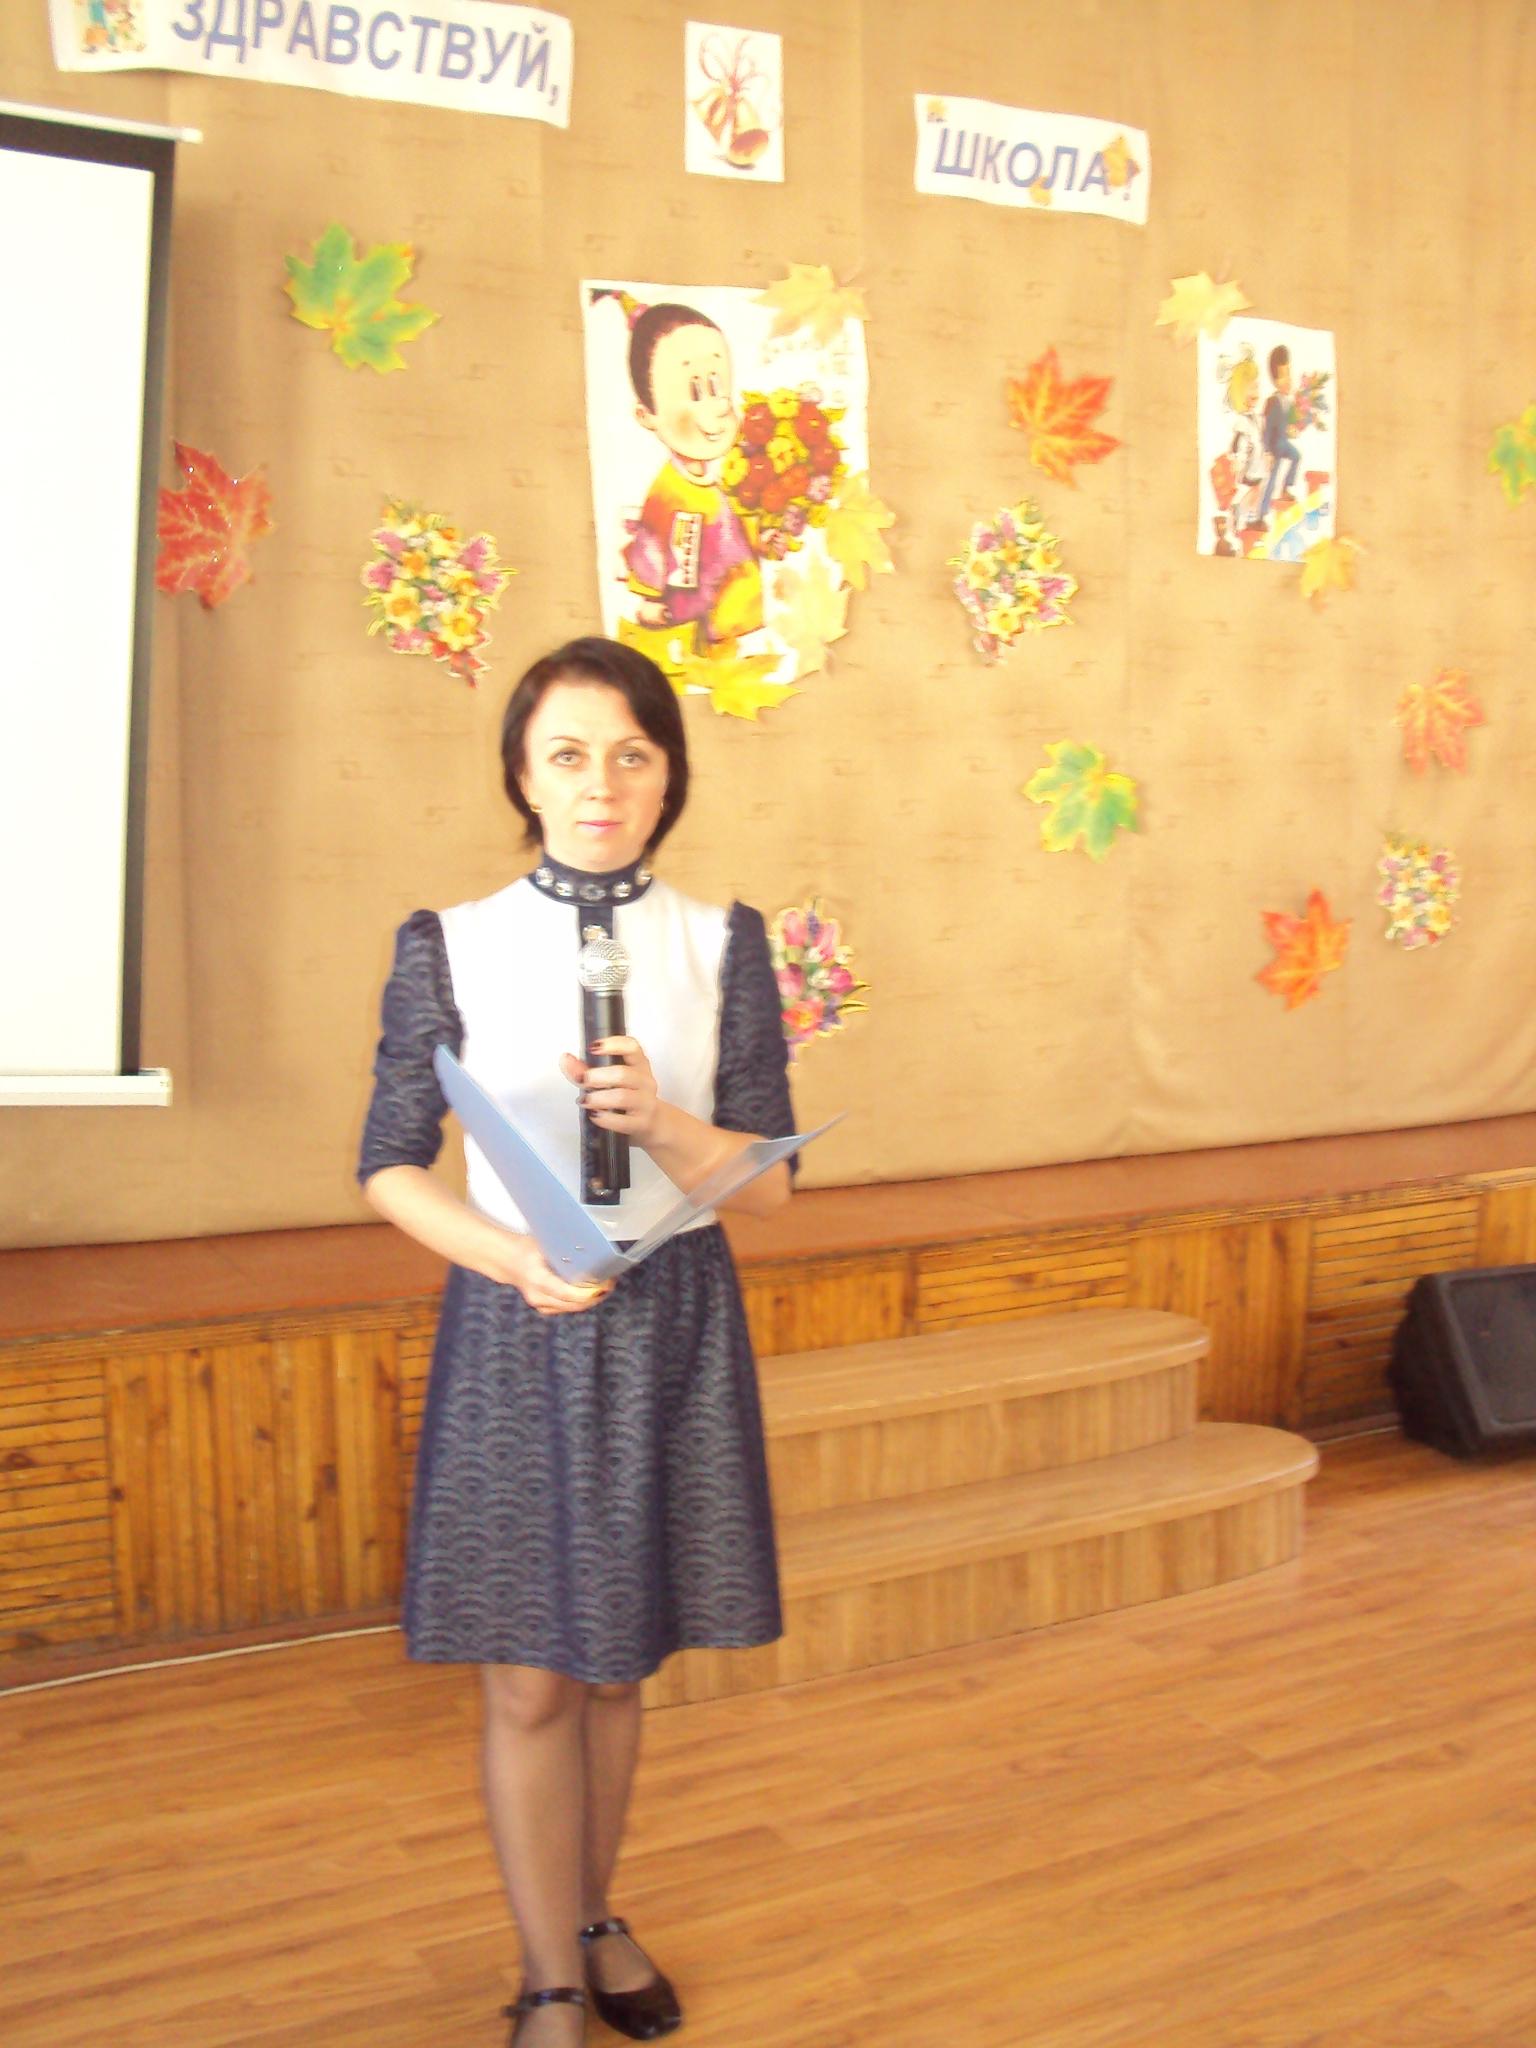 Отдел обслуживания дошкольников и учащихся 1-4 классов, Донецкая областная библиотека для детей, новости нашего отдела, донецкая школа №22, 1 сентября, первый звонок в детской библиотеке